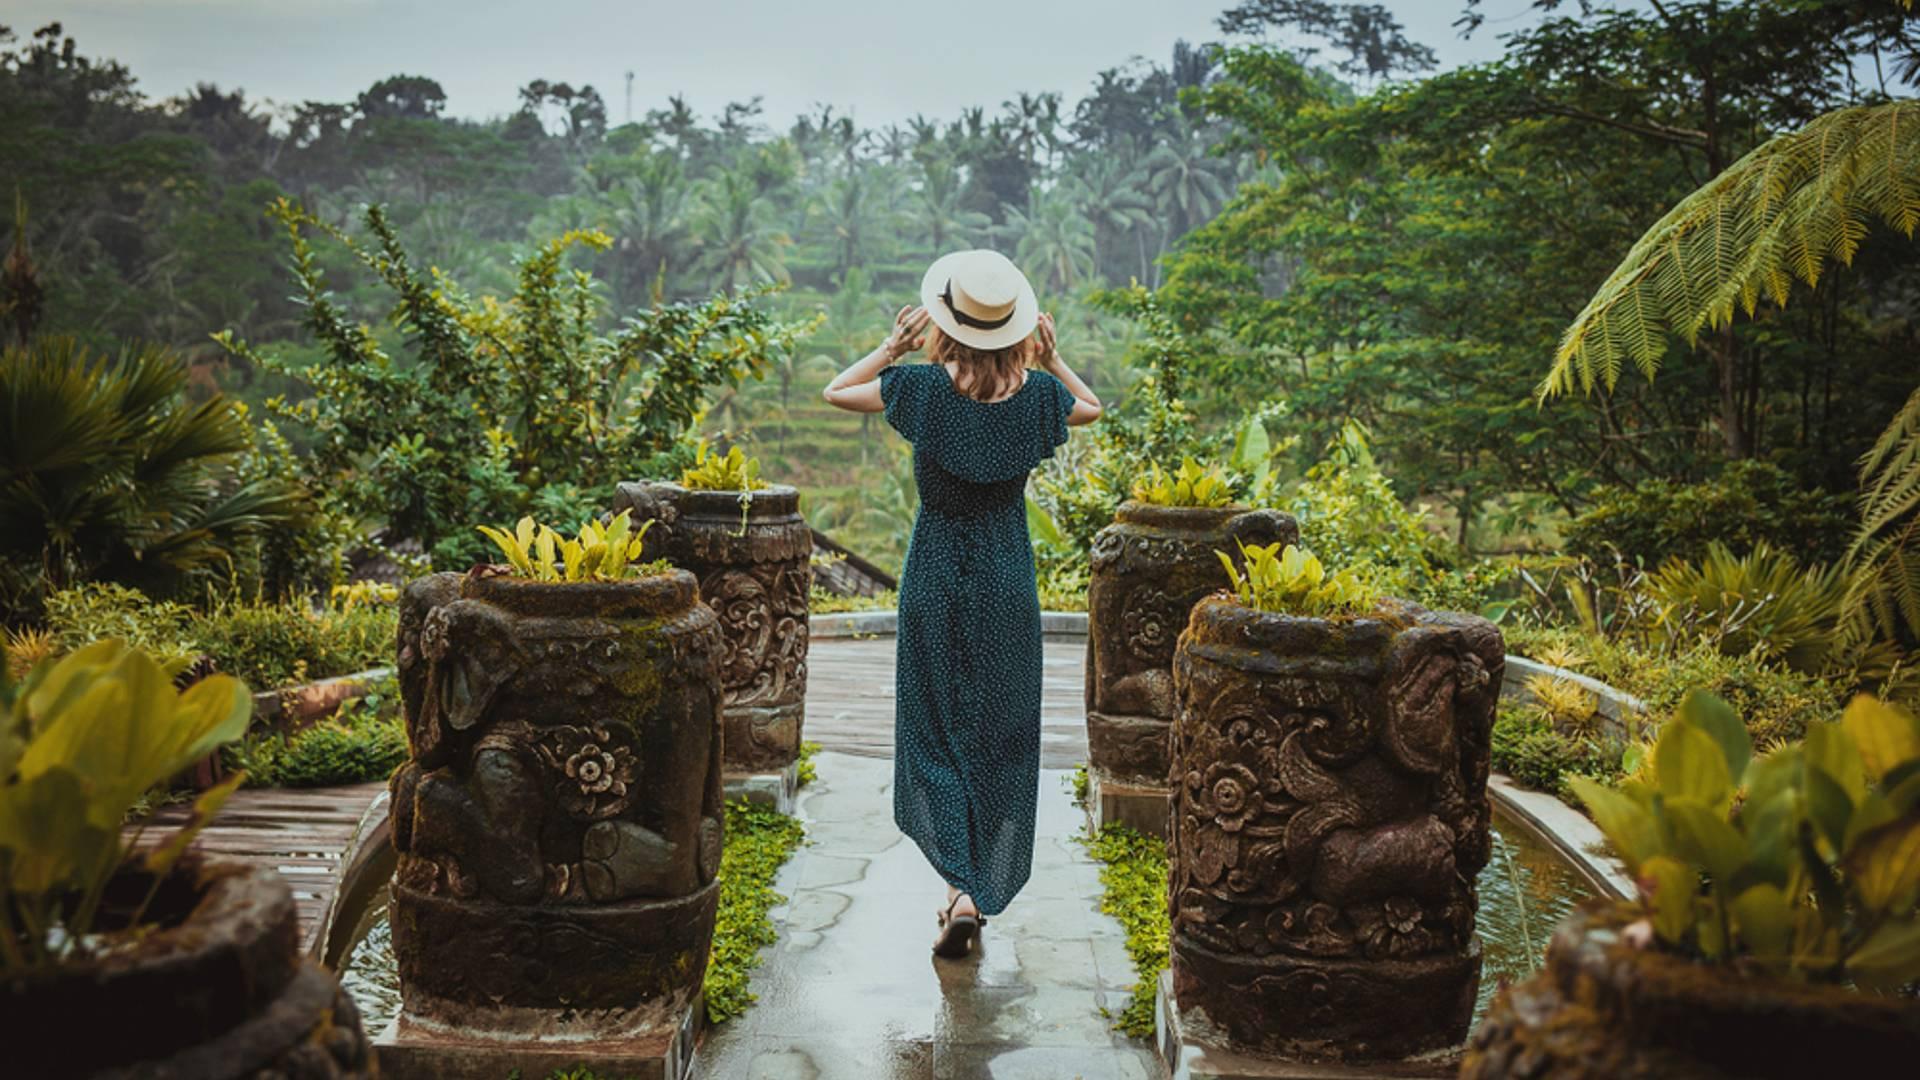 Erholung und Kultur zwischen faszinierenden Landschaften